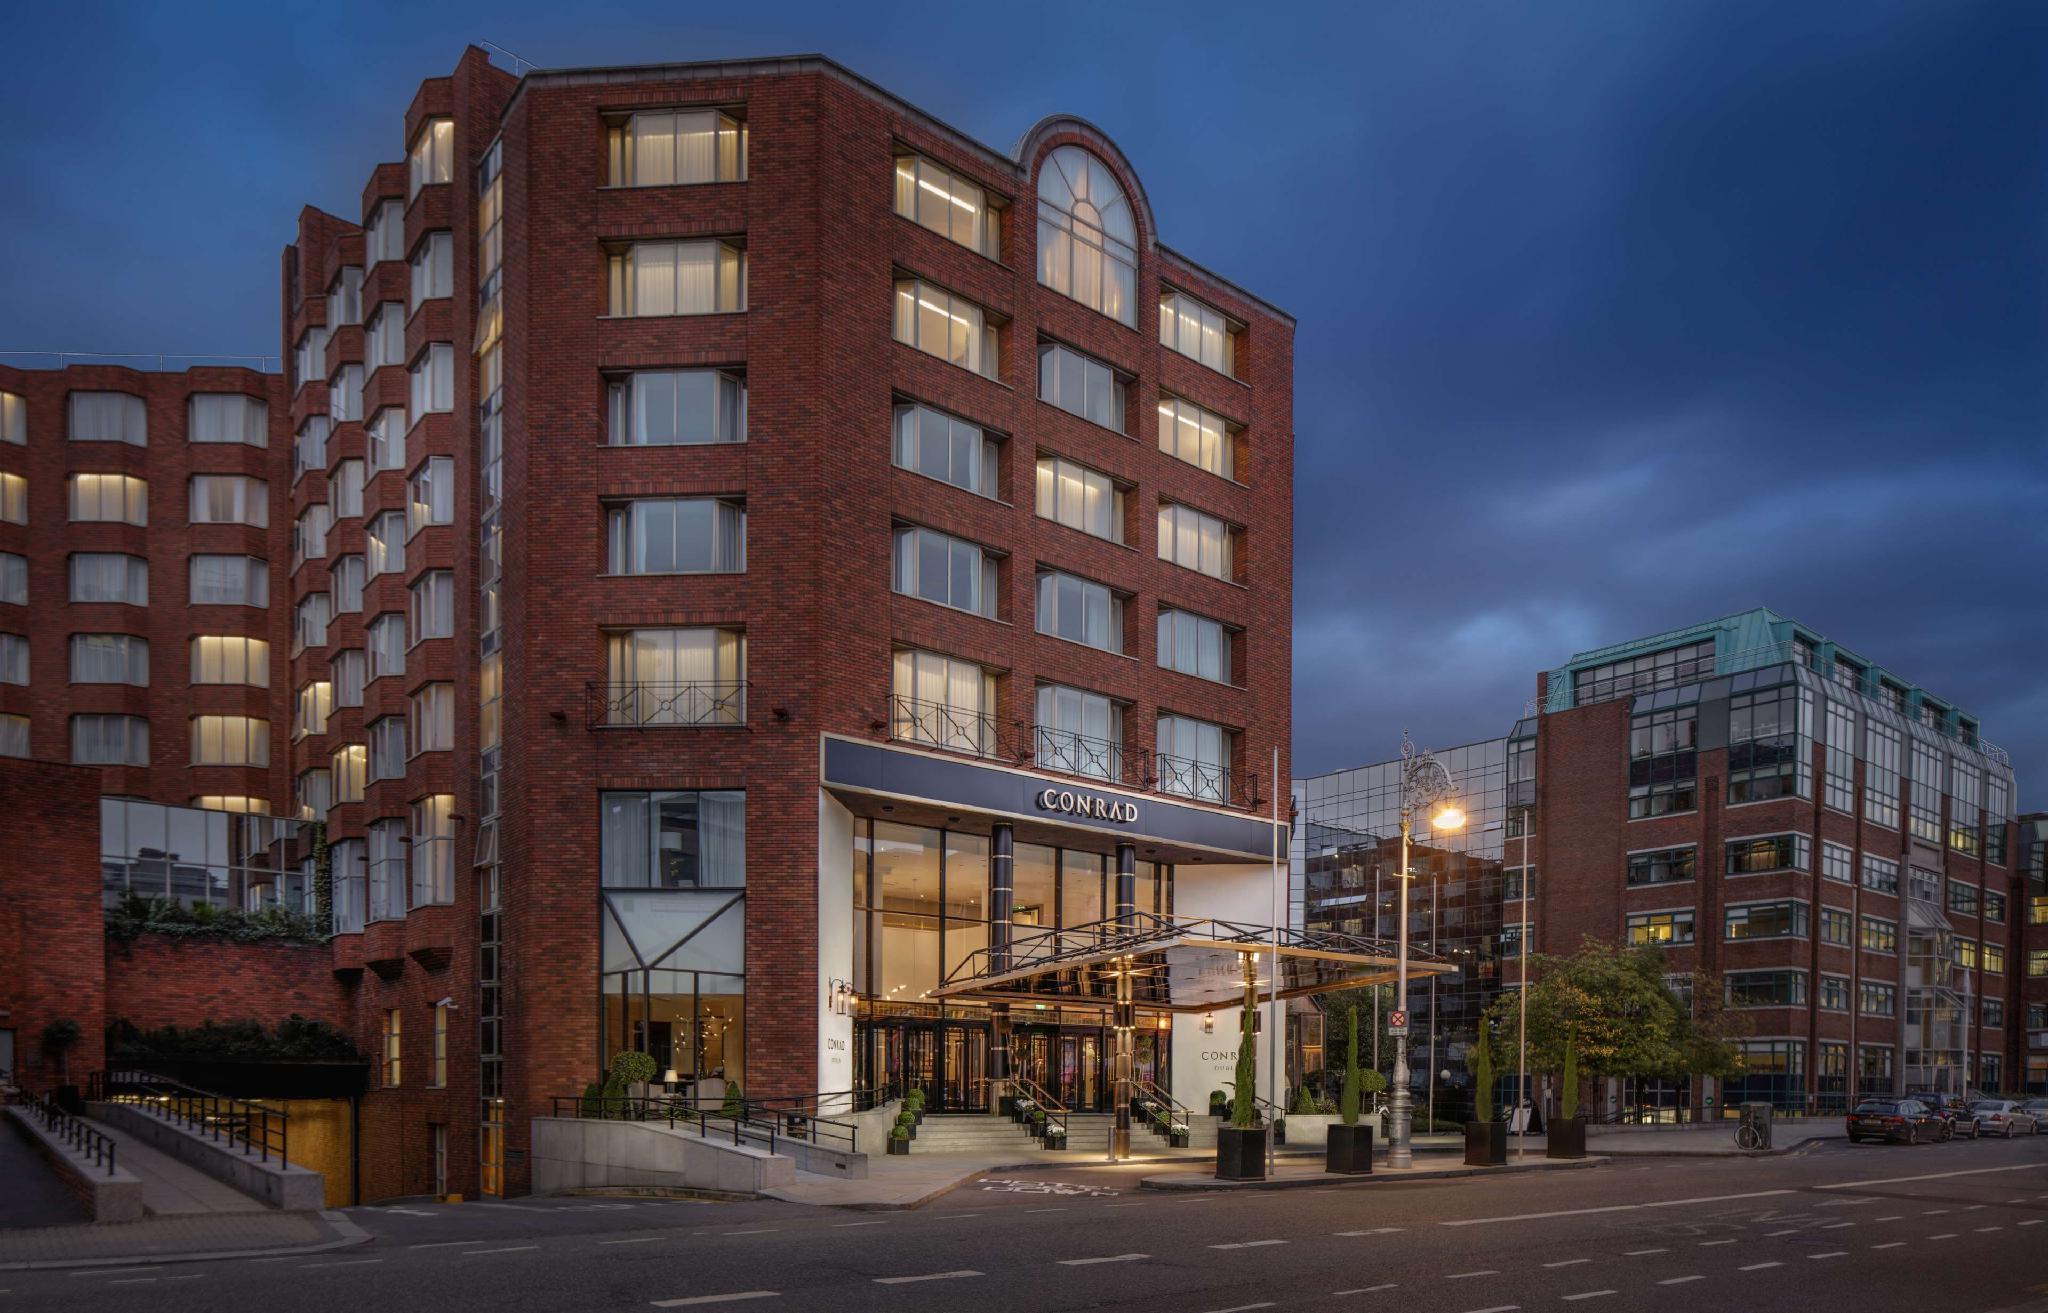 Dublin Conrad Hotel,